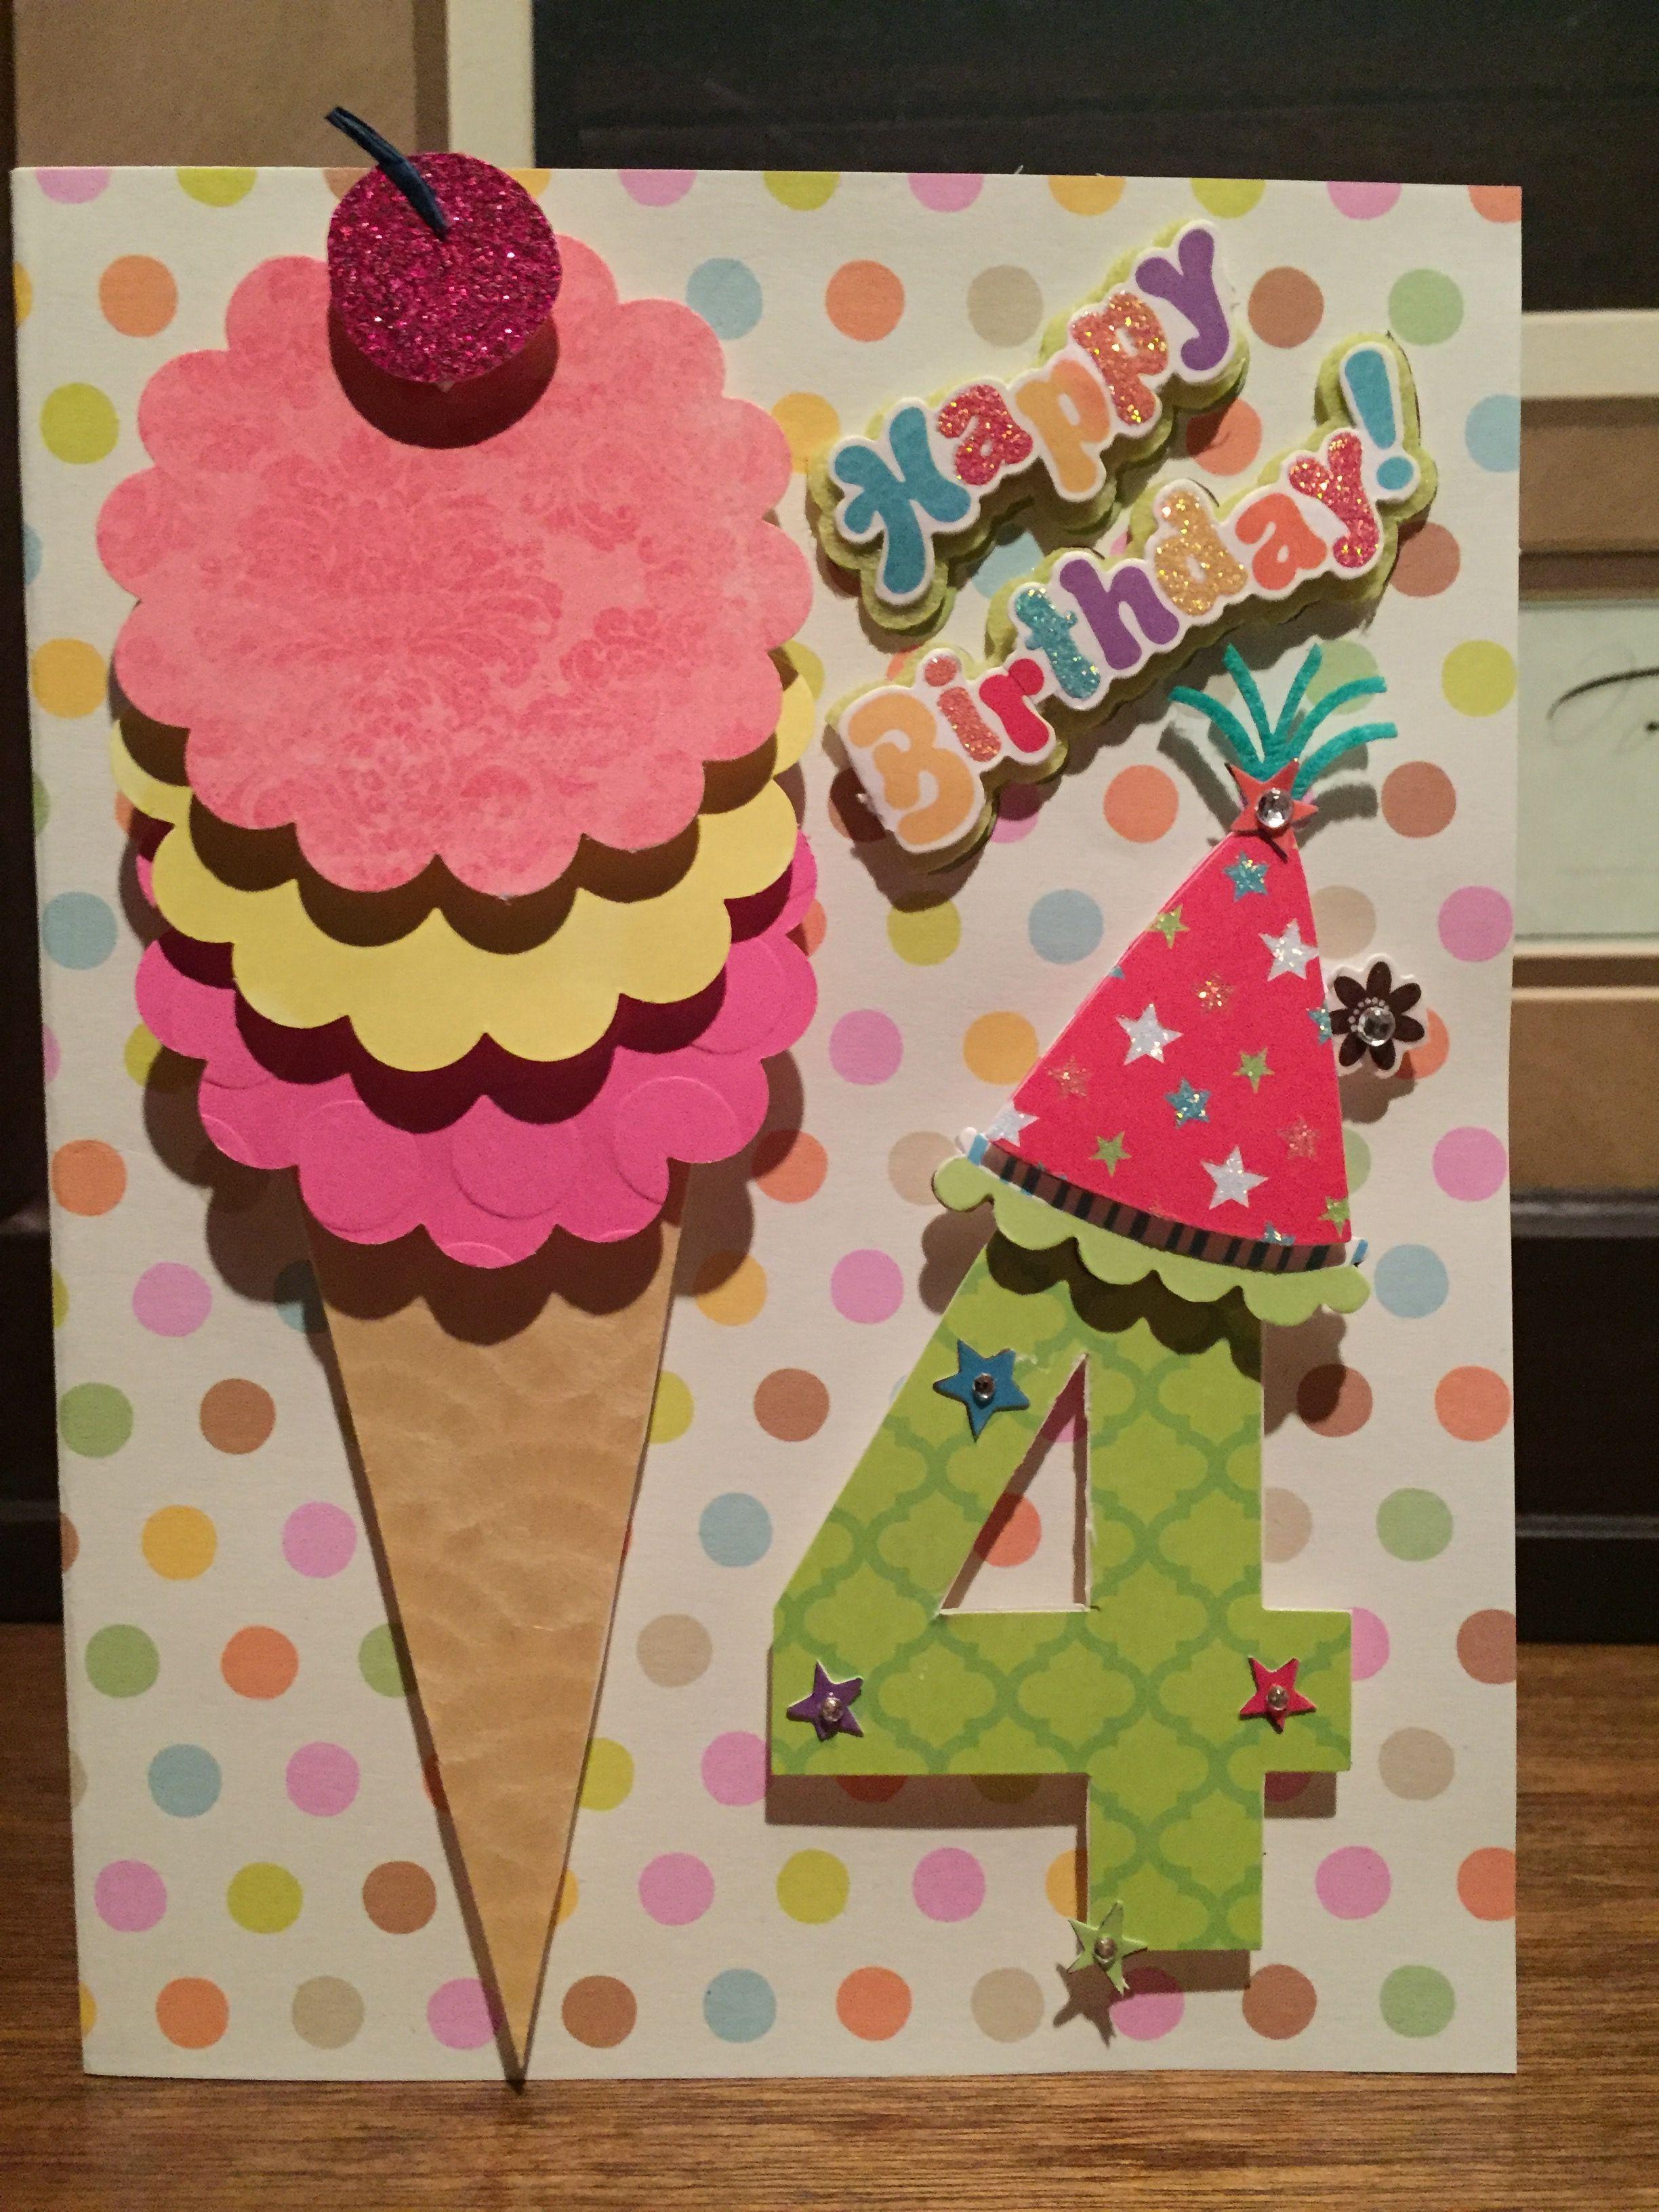 Открытка ко дню рождения своими руками для девочки 13, музыкальную открытку